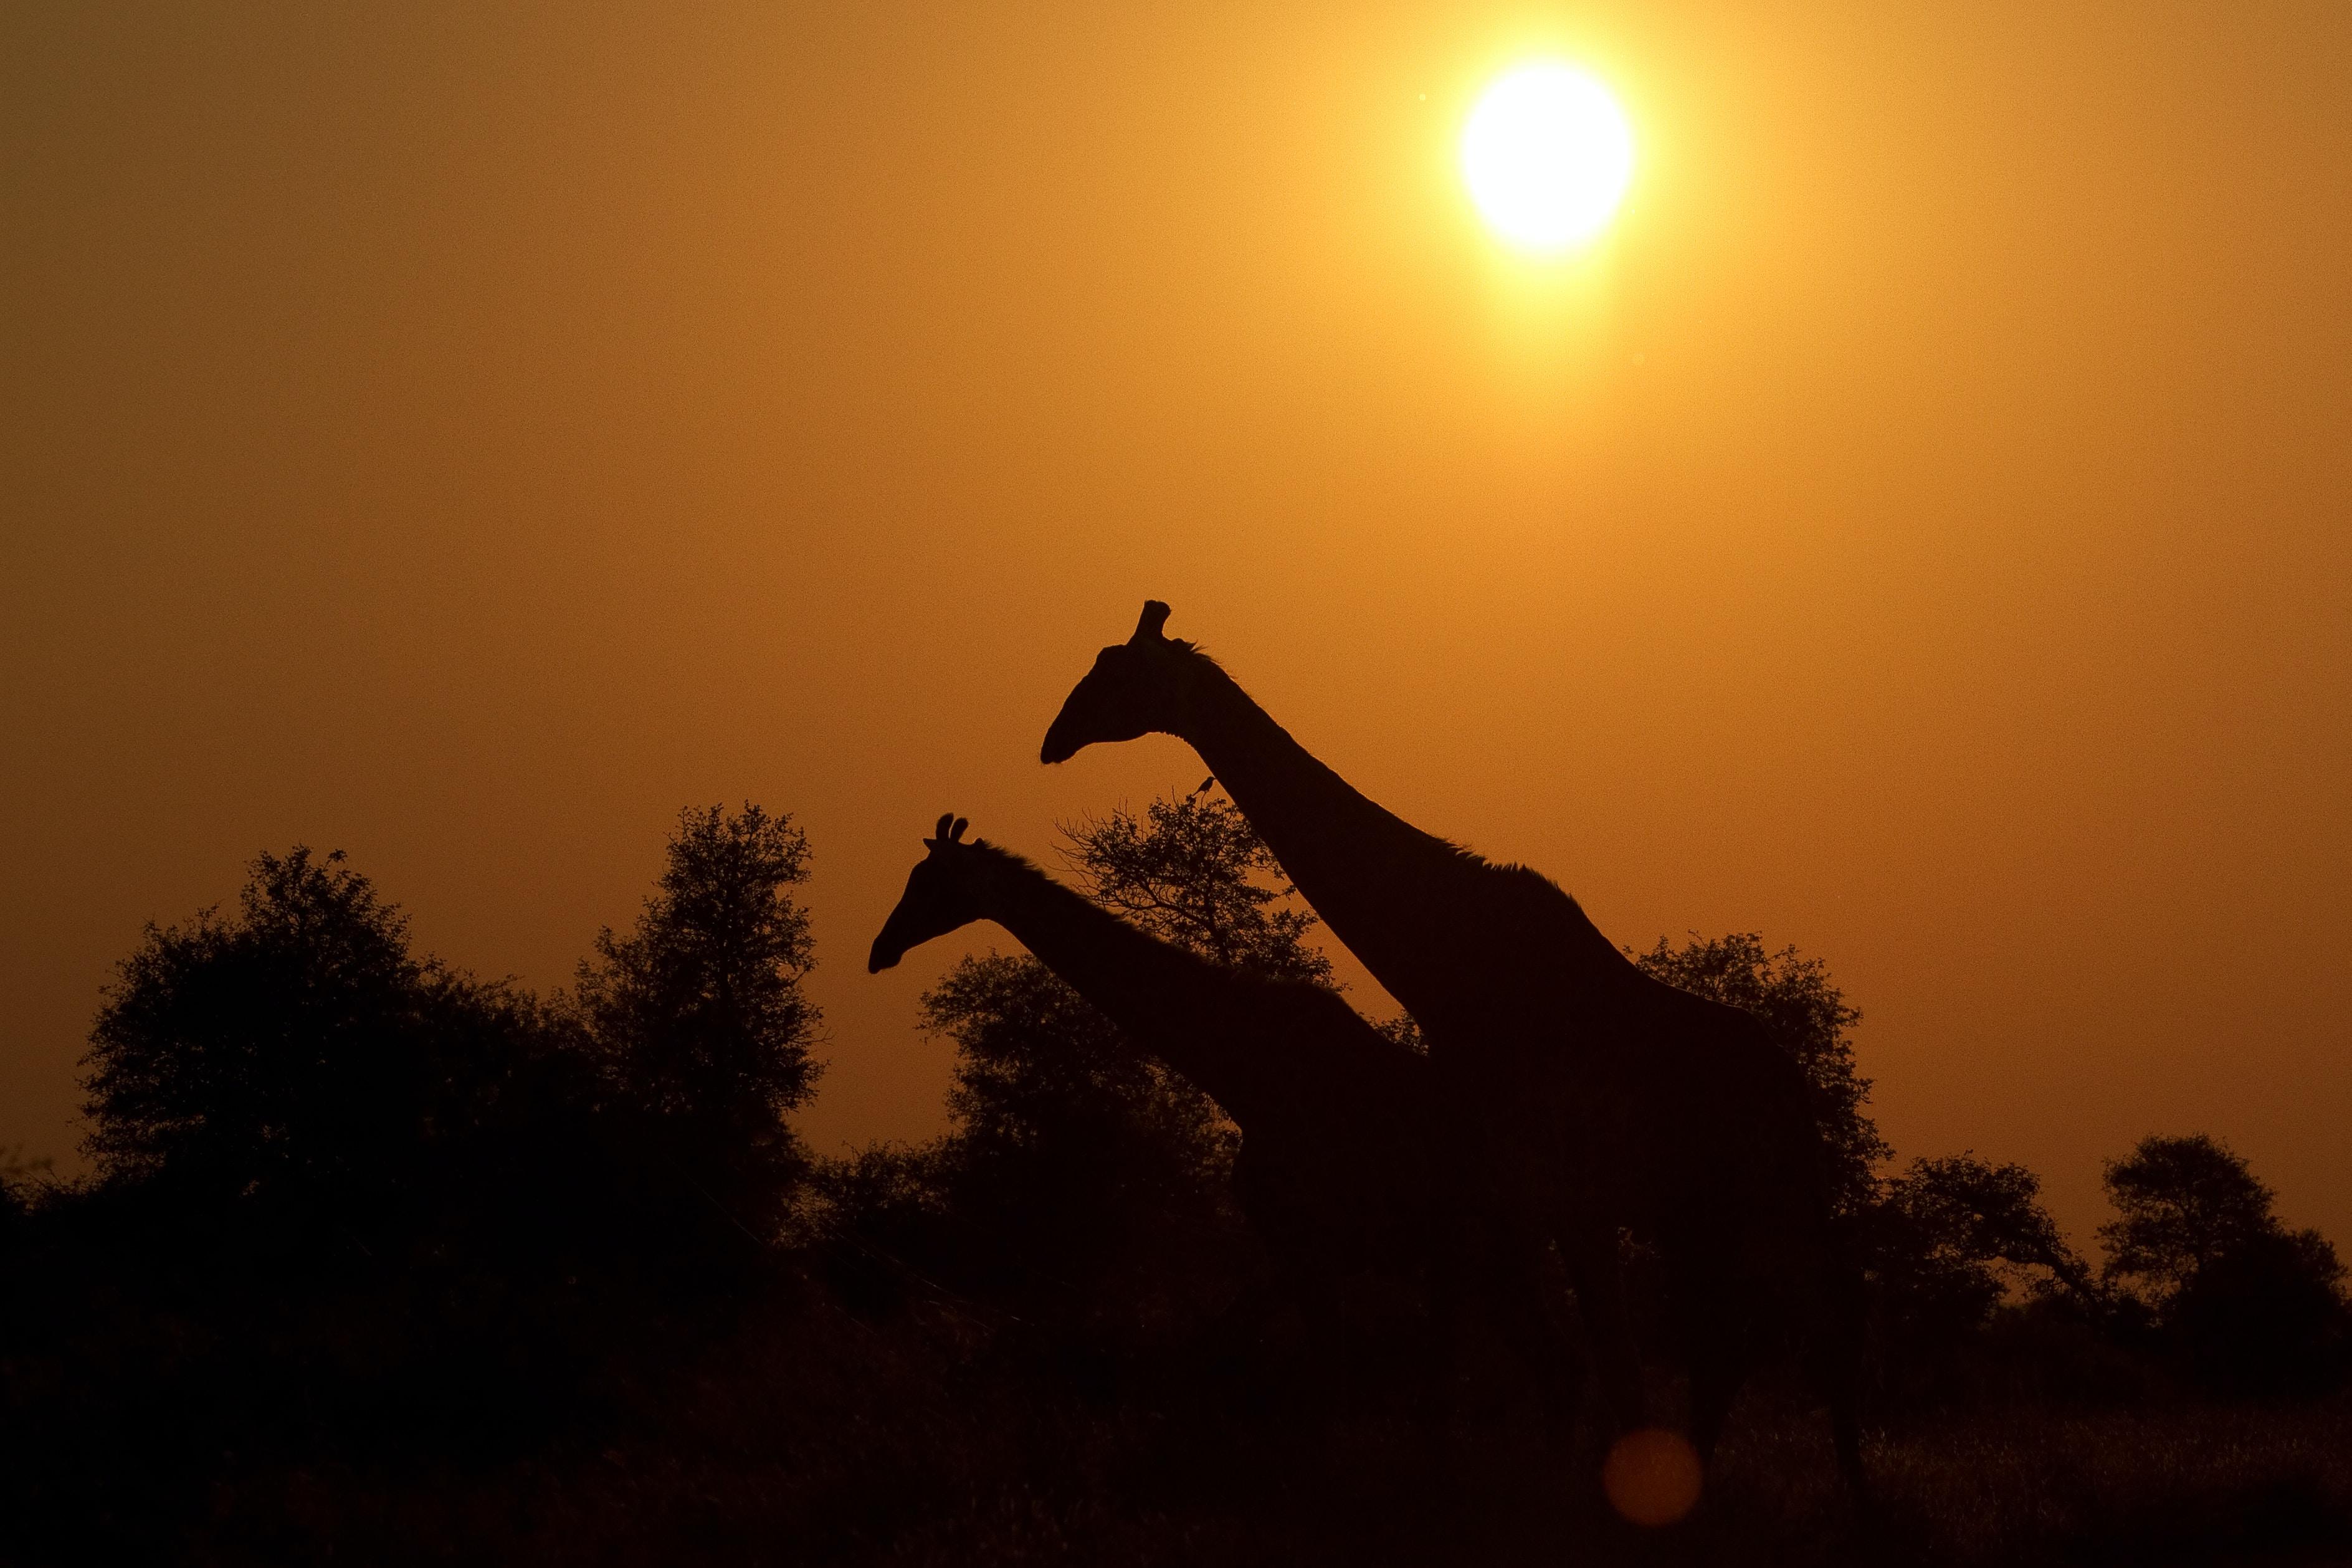 two giraffe on farm